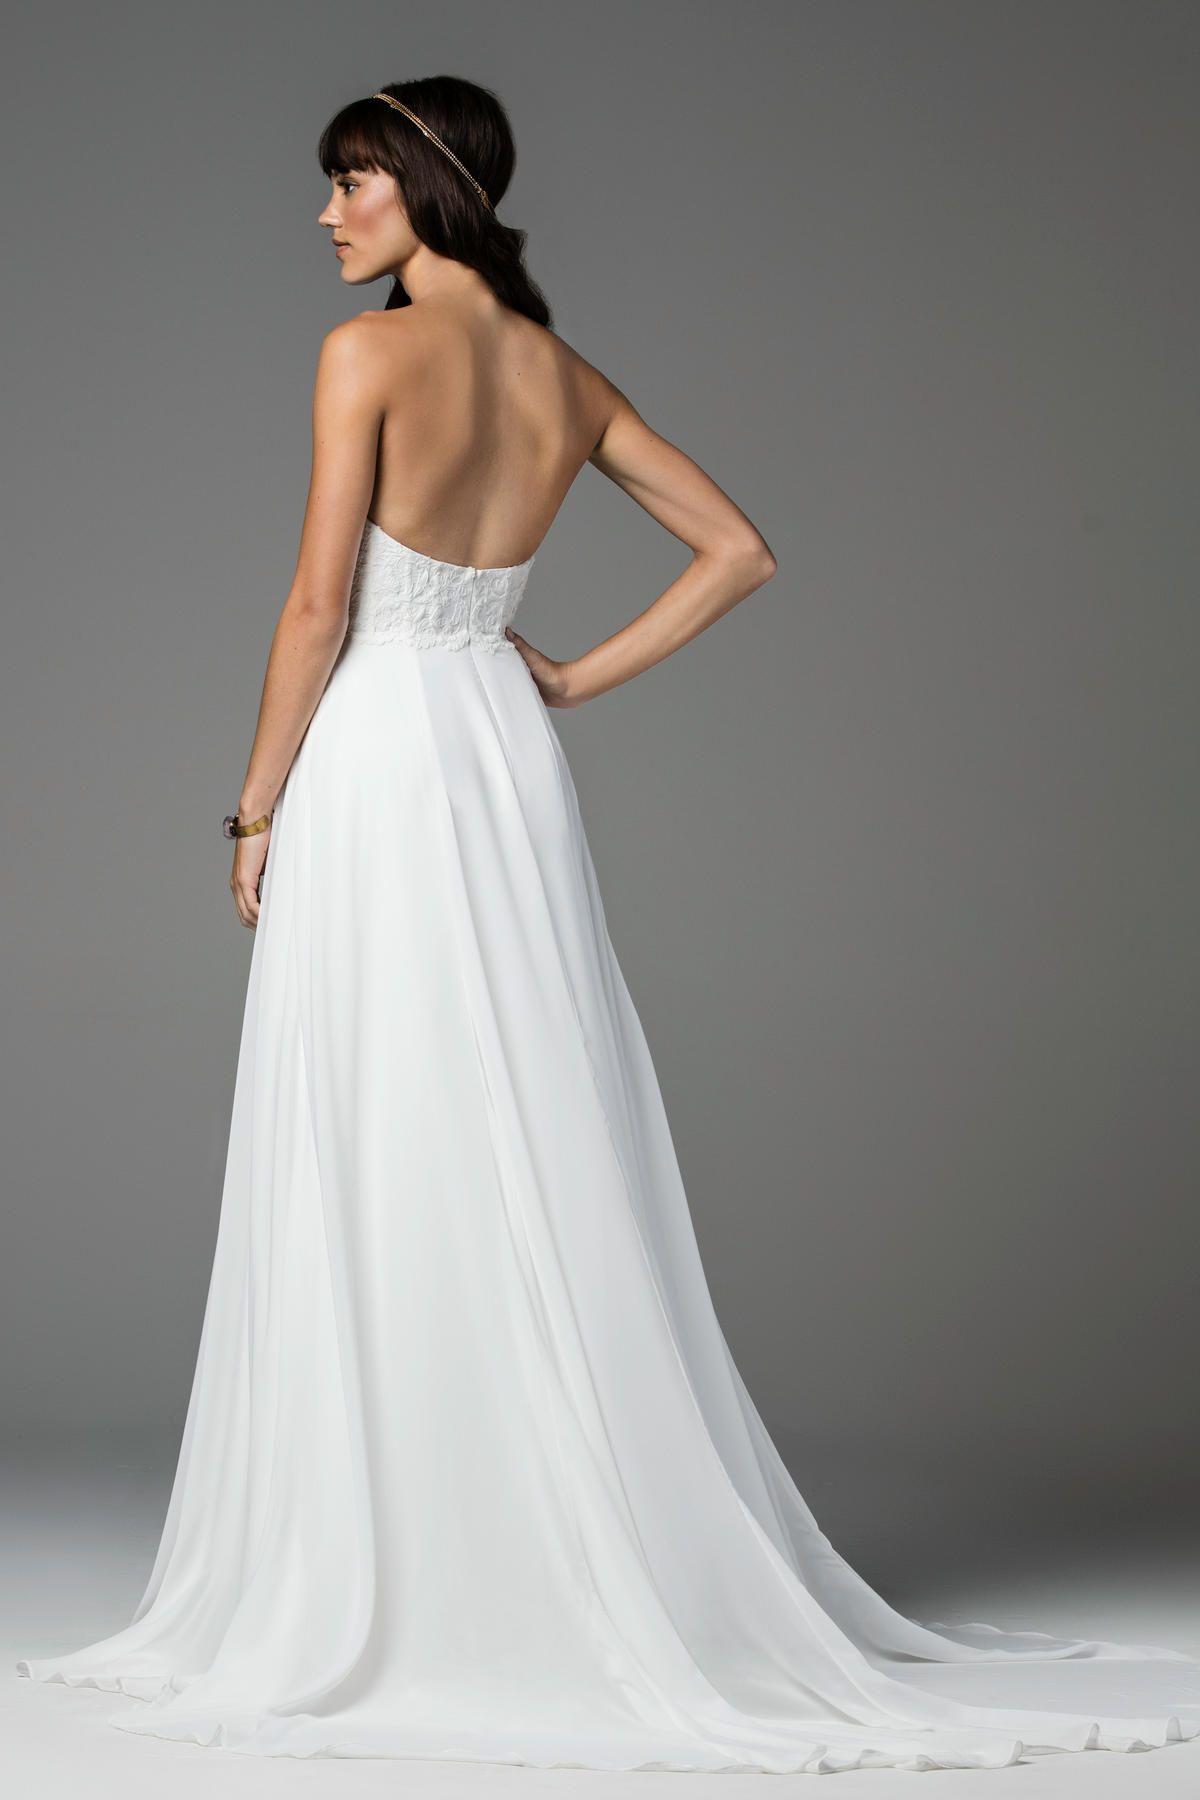 WattersWillowby Allira Back Detail Wedding Dress   이미지